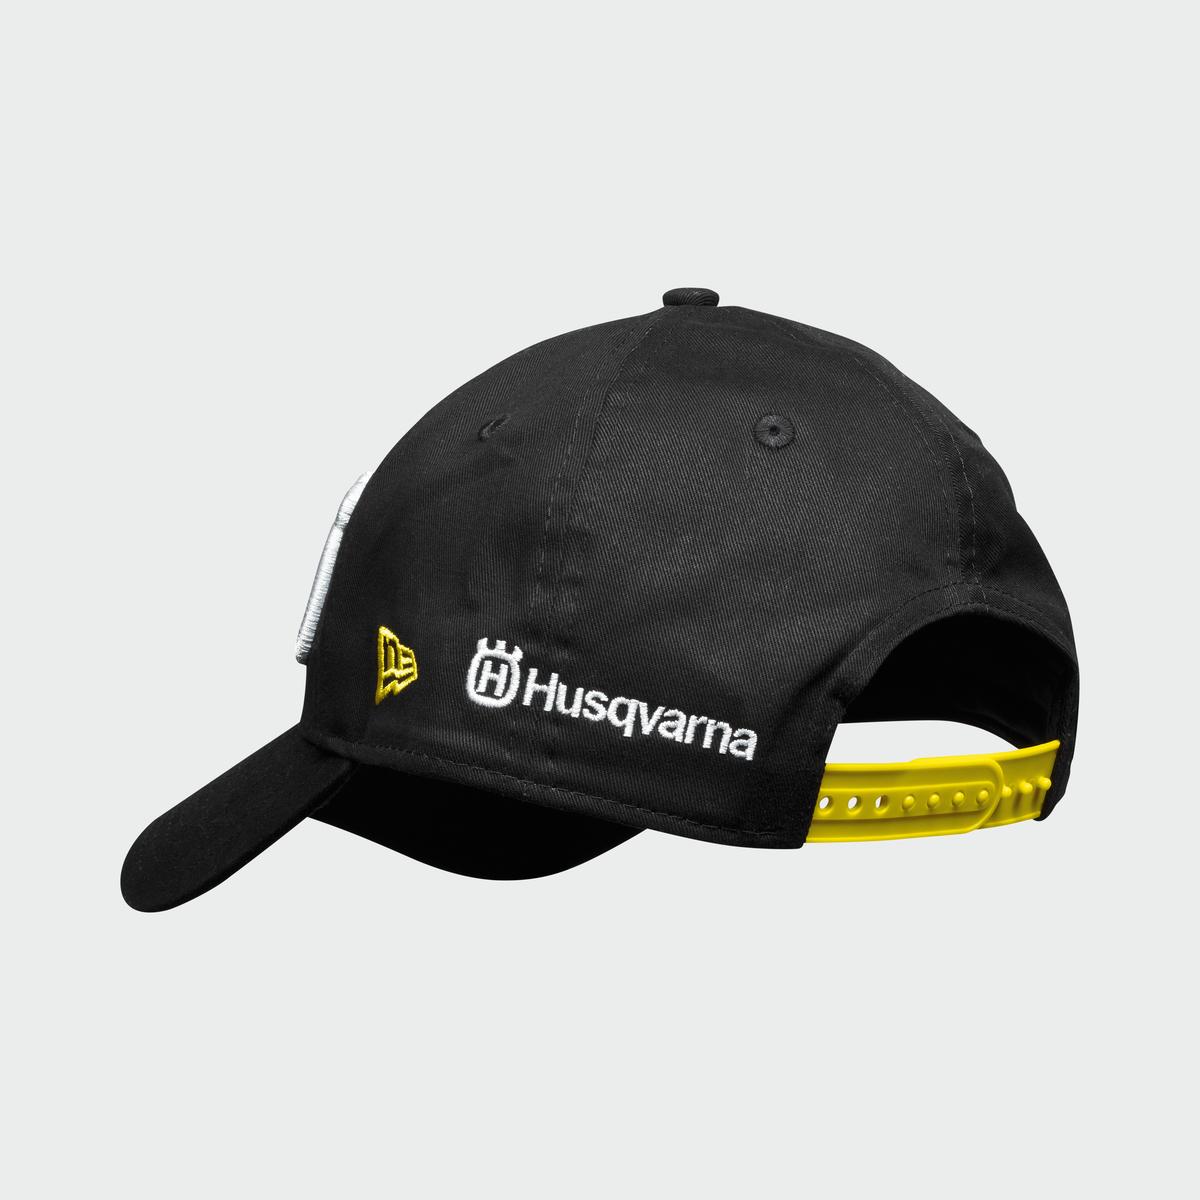 Husqvarna RS Replica Team Cap (One Size)